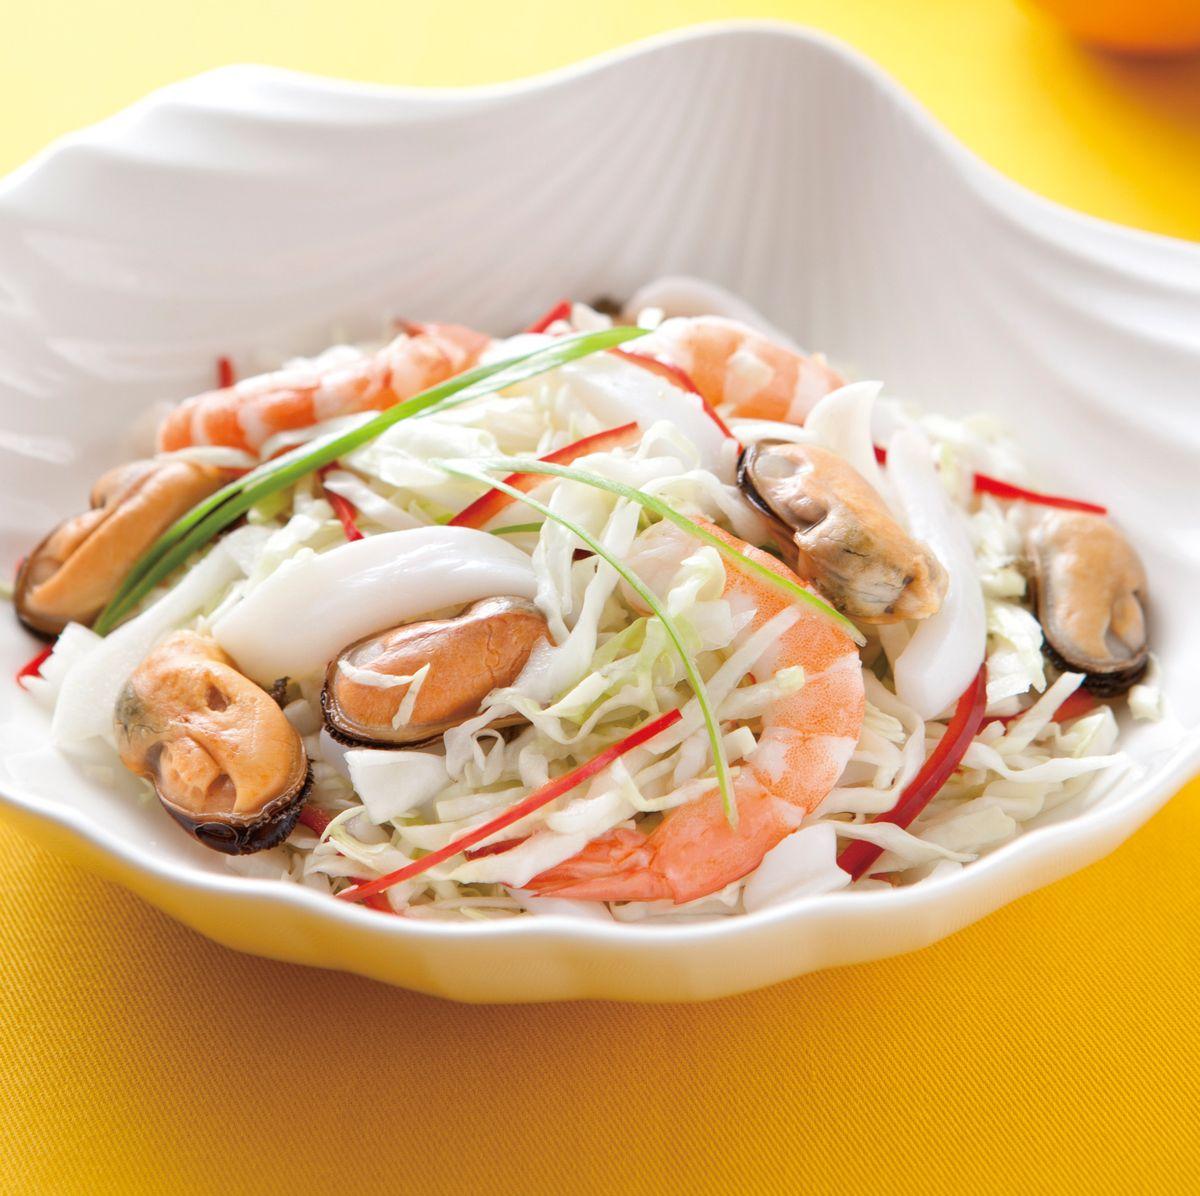 食譜:高麗菜拌海鮮